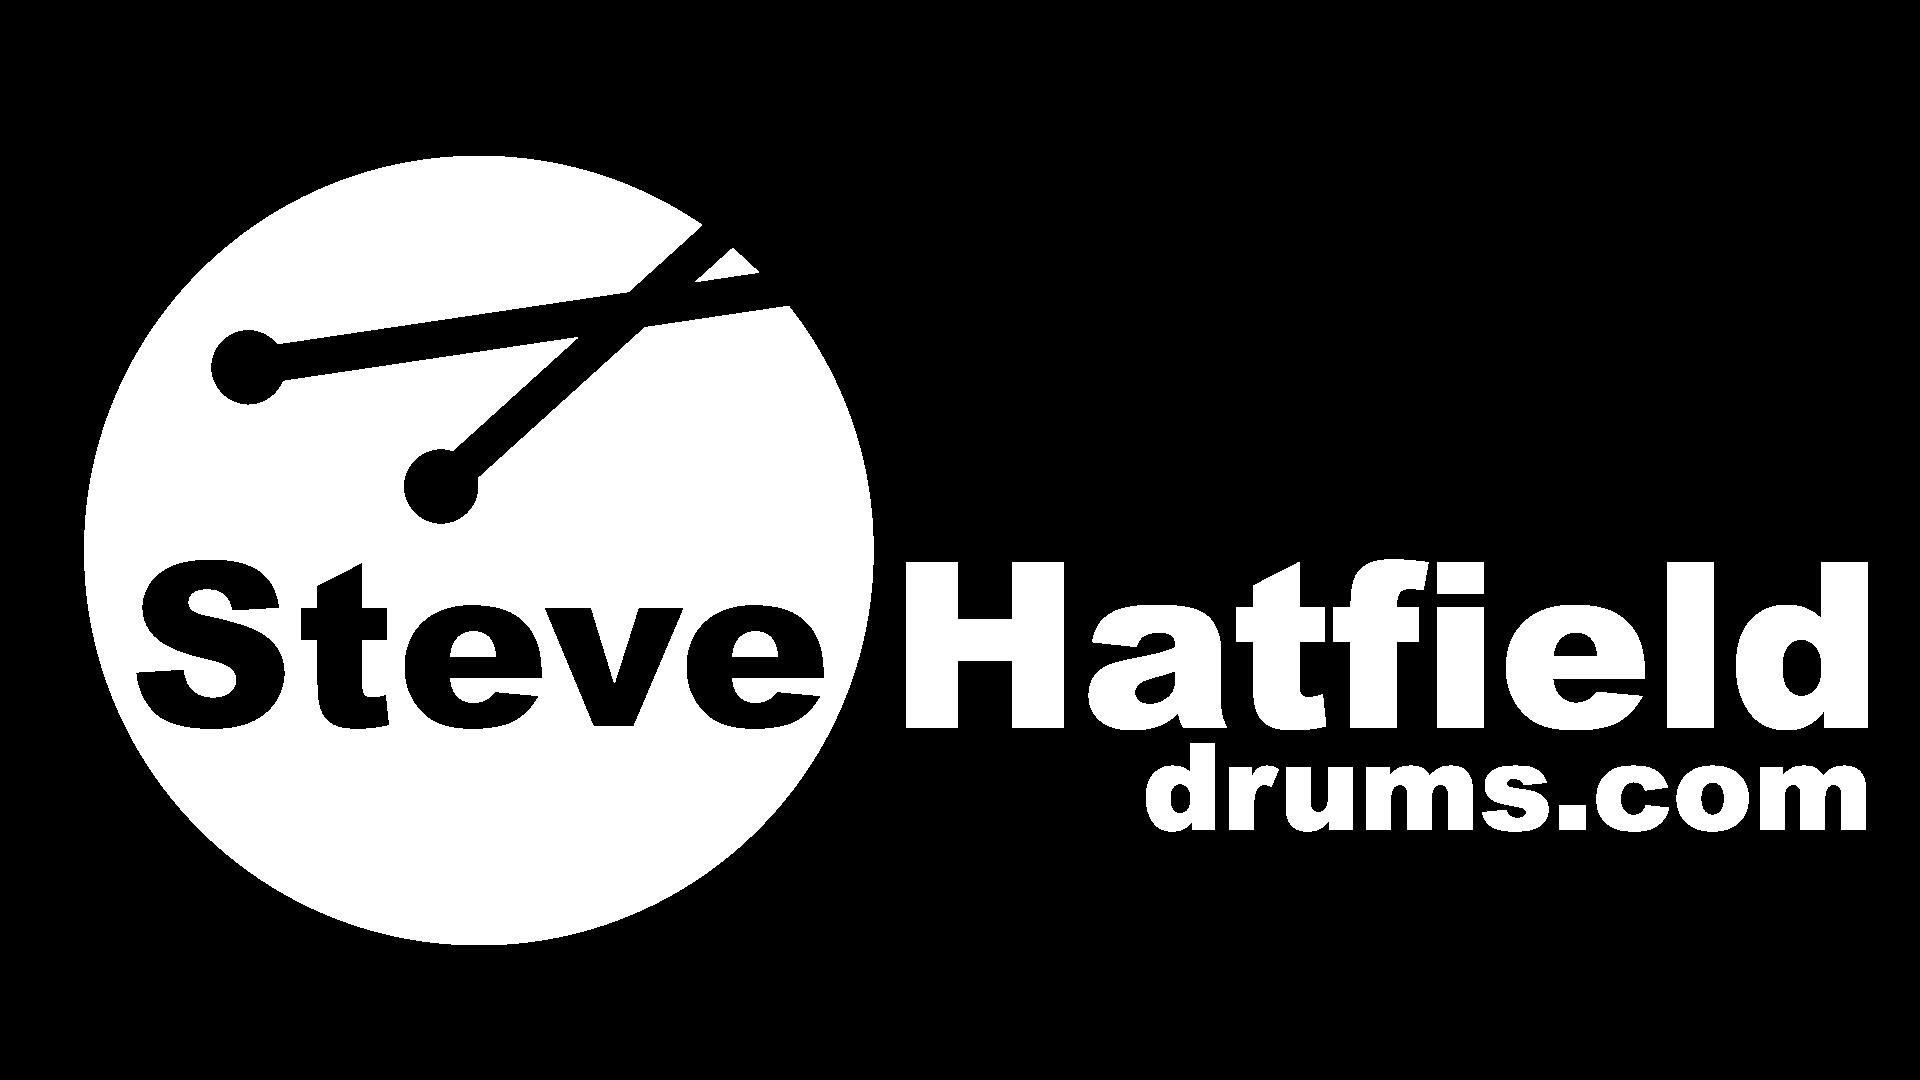 SteveHatfieldDrums.com